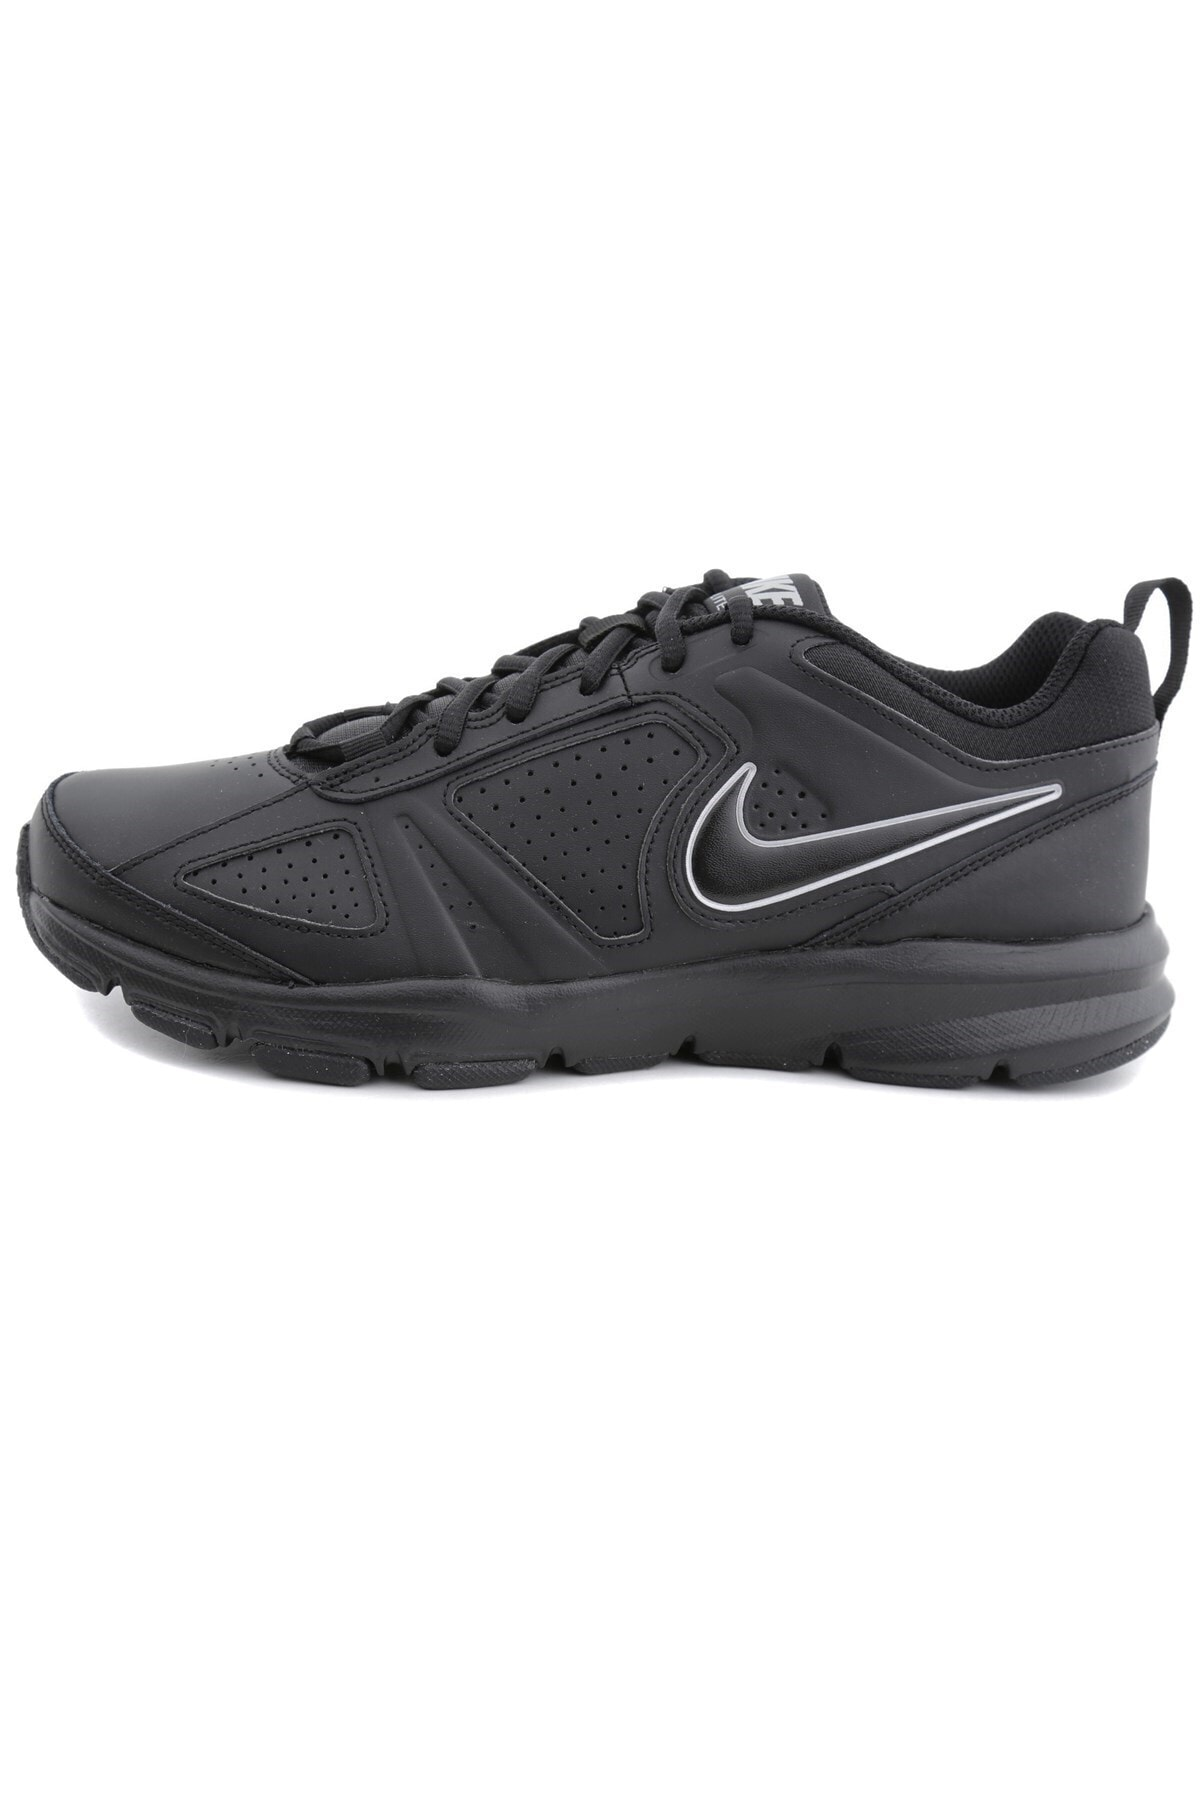 Nike 616544-007 T-lıte Xı Co Erkek Yürüyüş Ayakkabısı 1